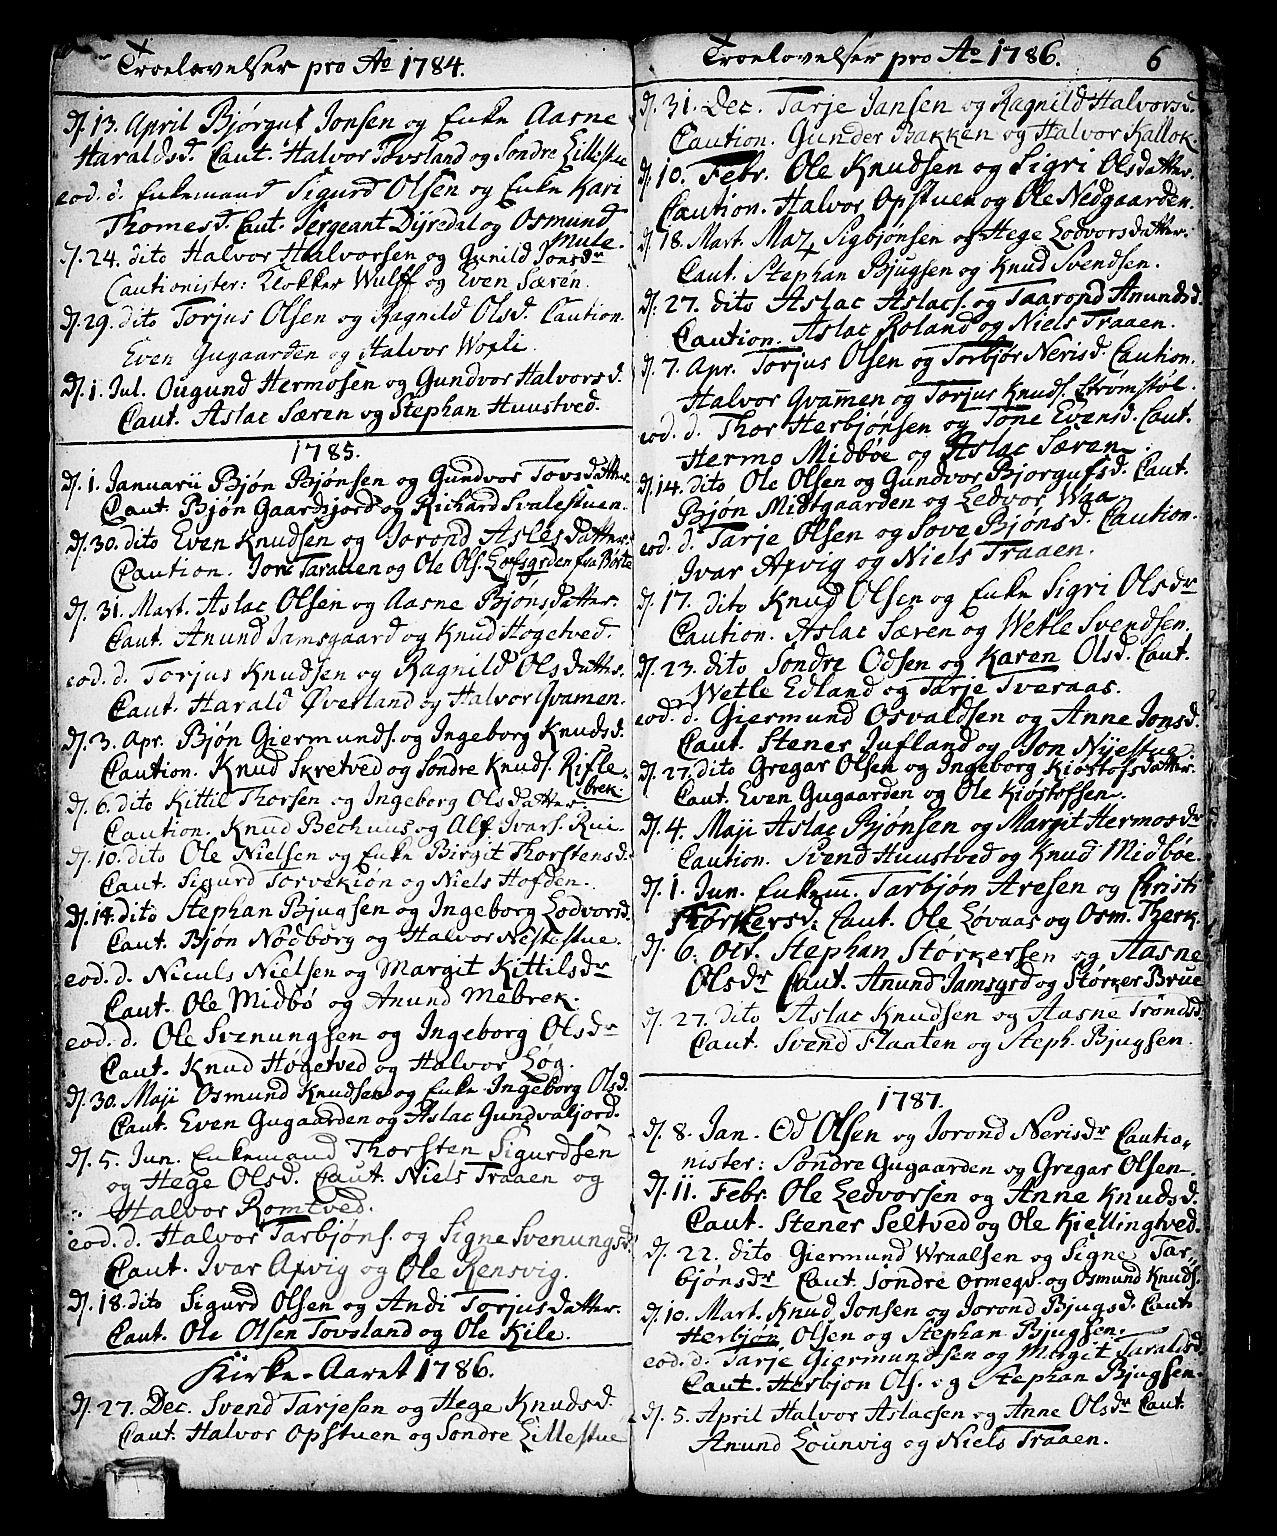 SAKO, Vinje kirkebøker, F/Fa/L0002: Ministerialbok nr. I 2, 1767-1814, s. 6